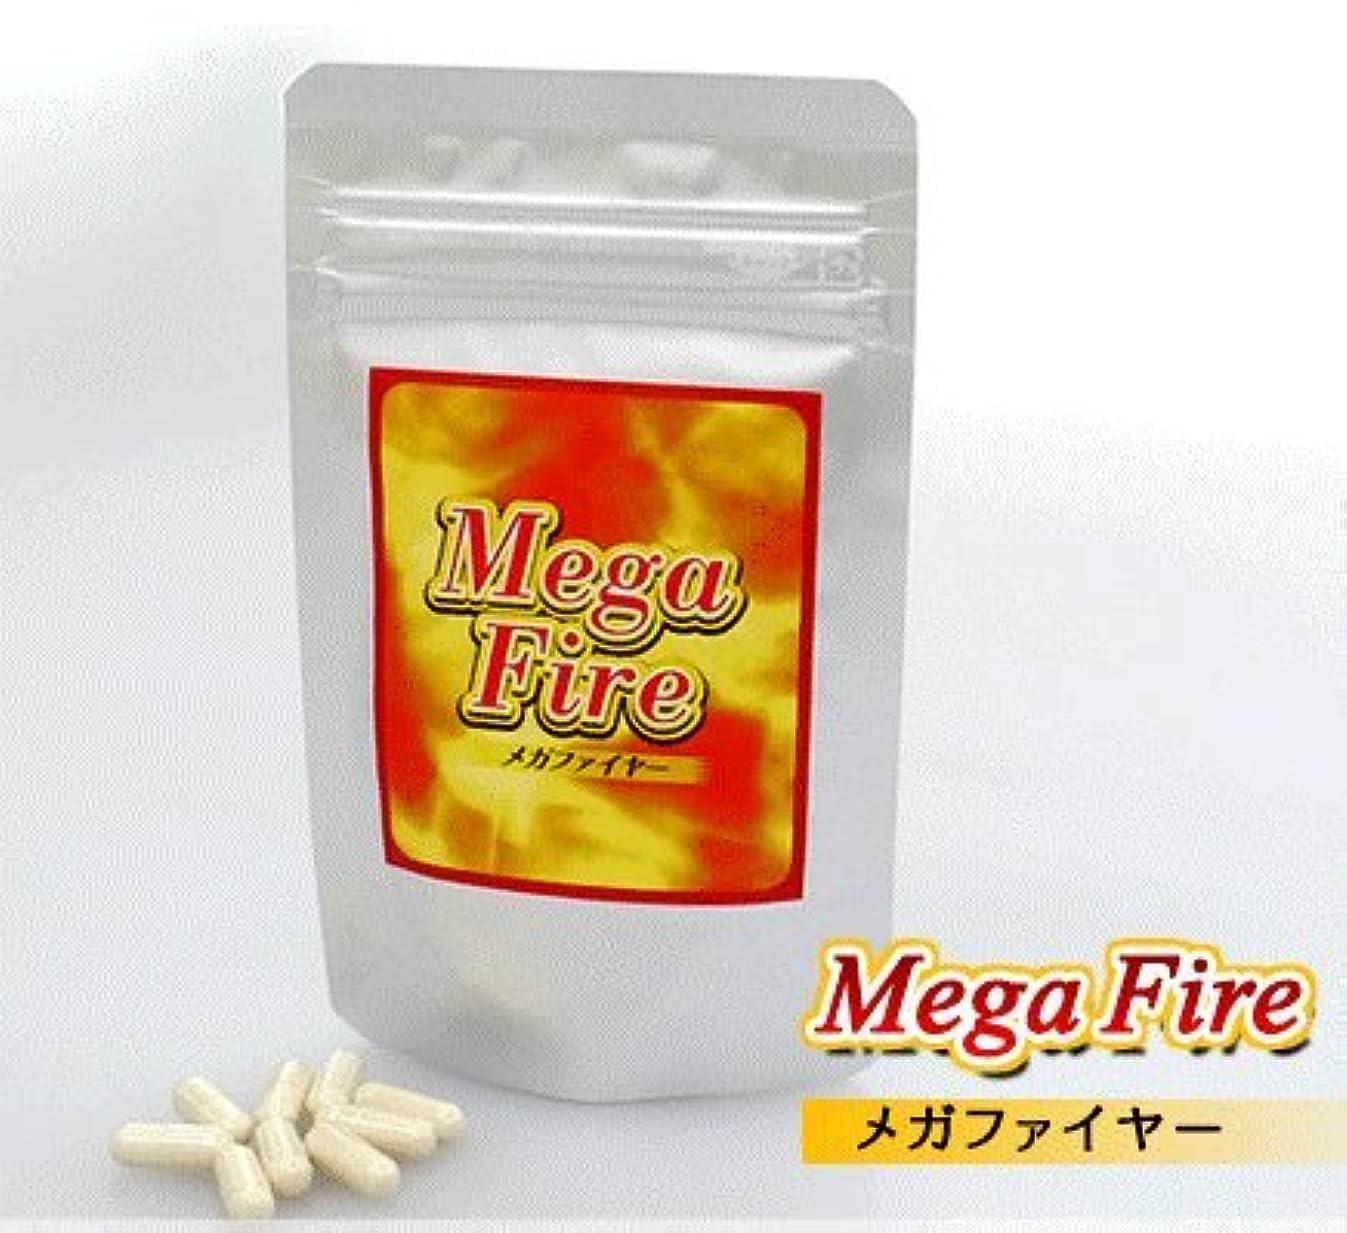 変装した鼻素朴なMegaFire(メガファイヤー)